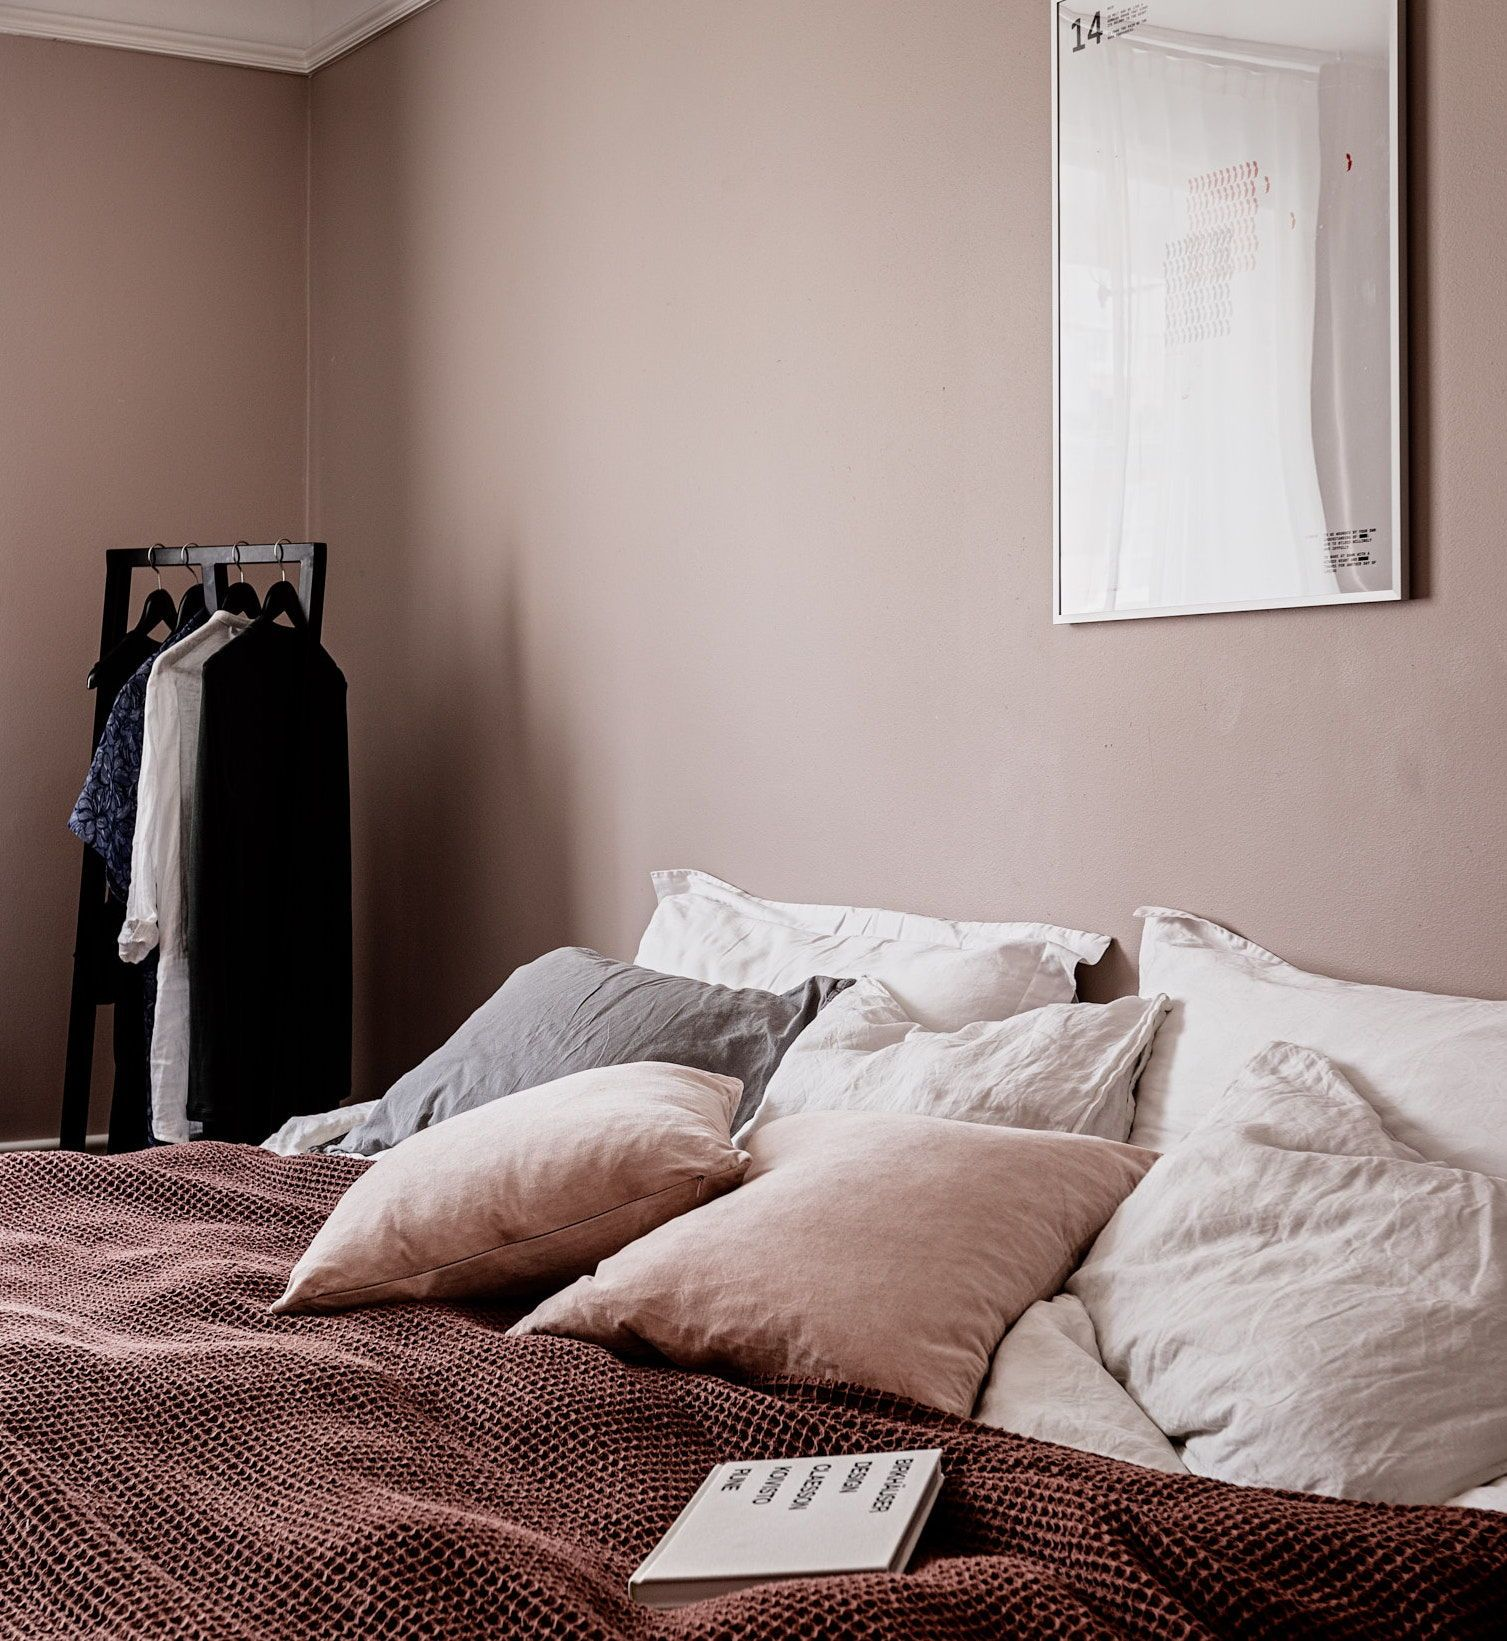 Bedroom In Dusty Pink Coco Lapine Design Dusty Pink Bedroom Pink Bedroom Furniture Pink And Beige Bedroom